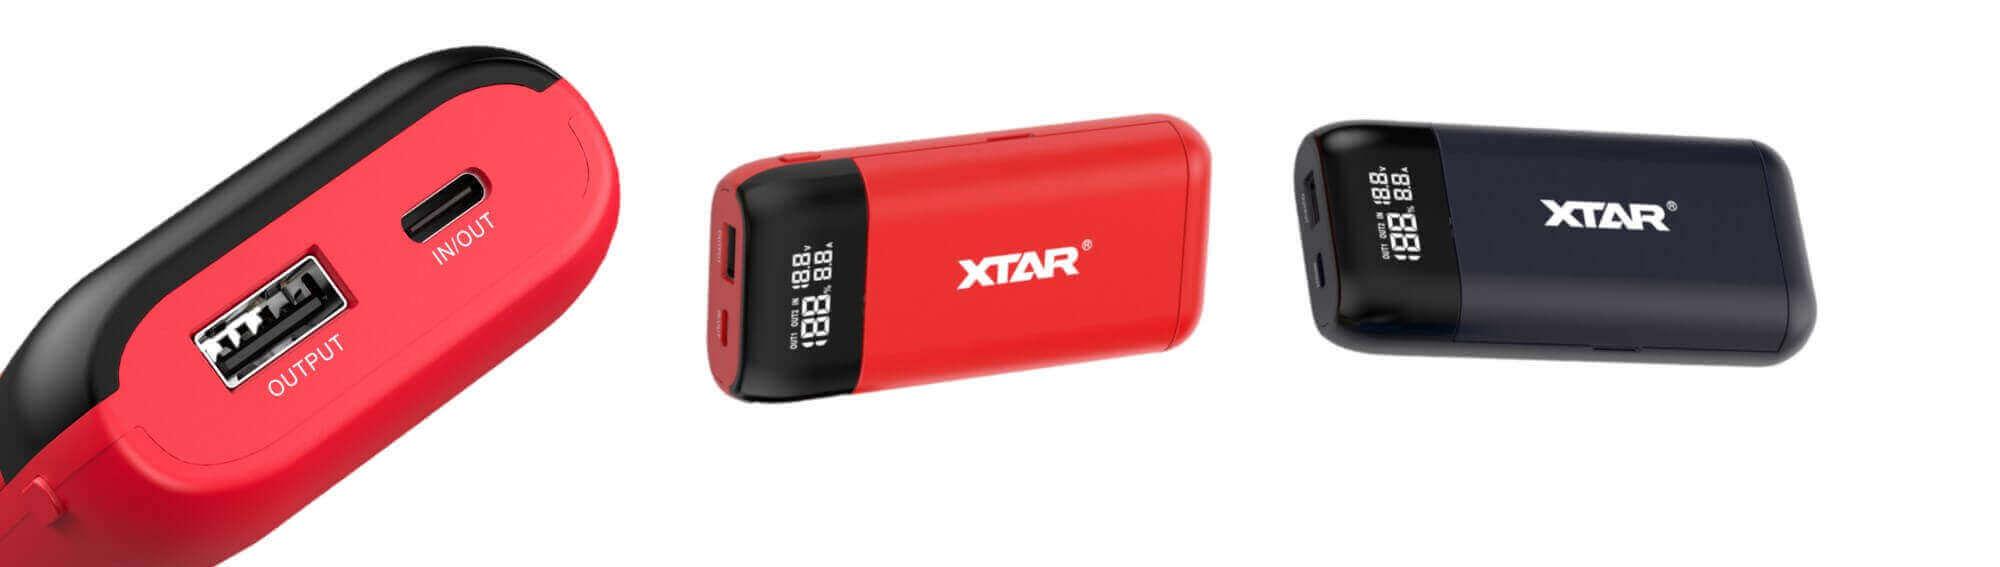 Prises USB Xtar PB2S